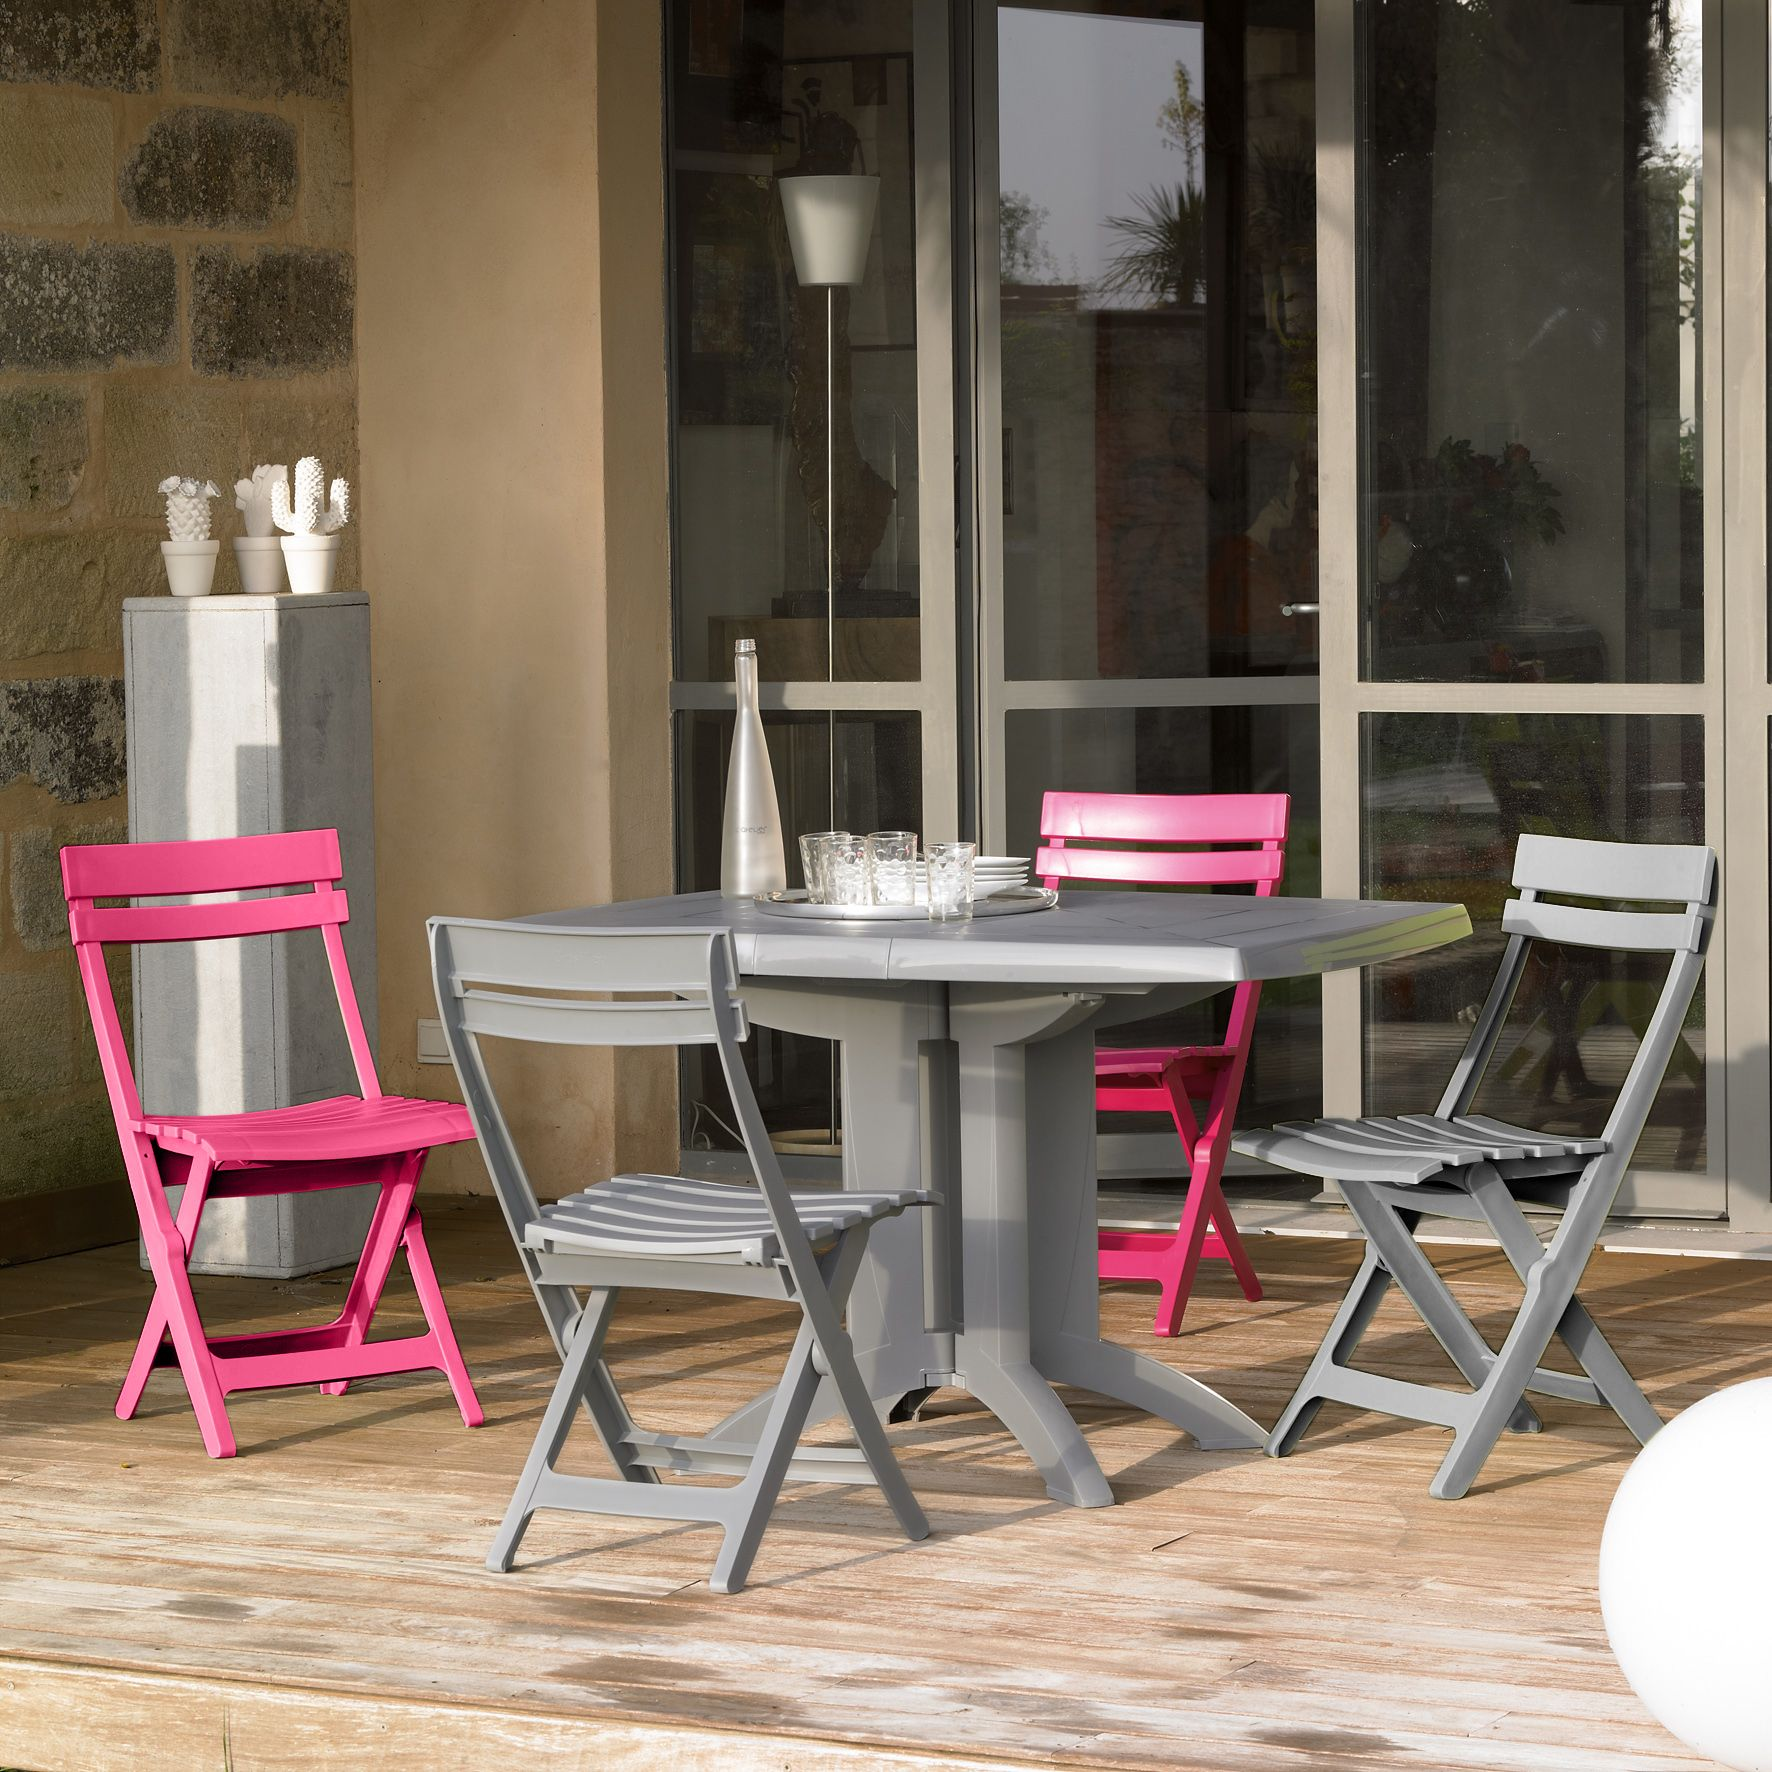 Épinglé par Meseo.fr sur Mobilier de jardin Grosfillex | Pinterest ...